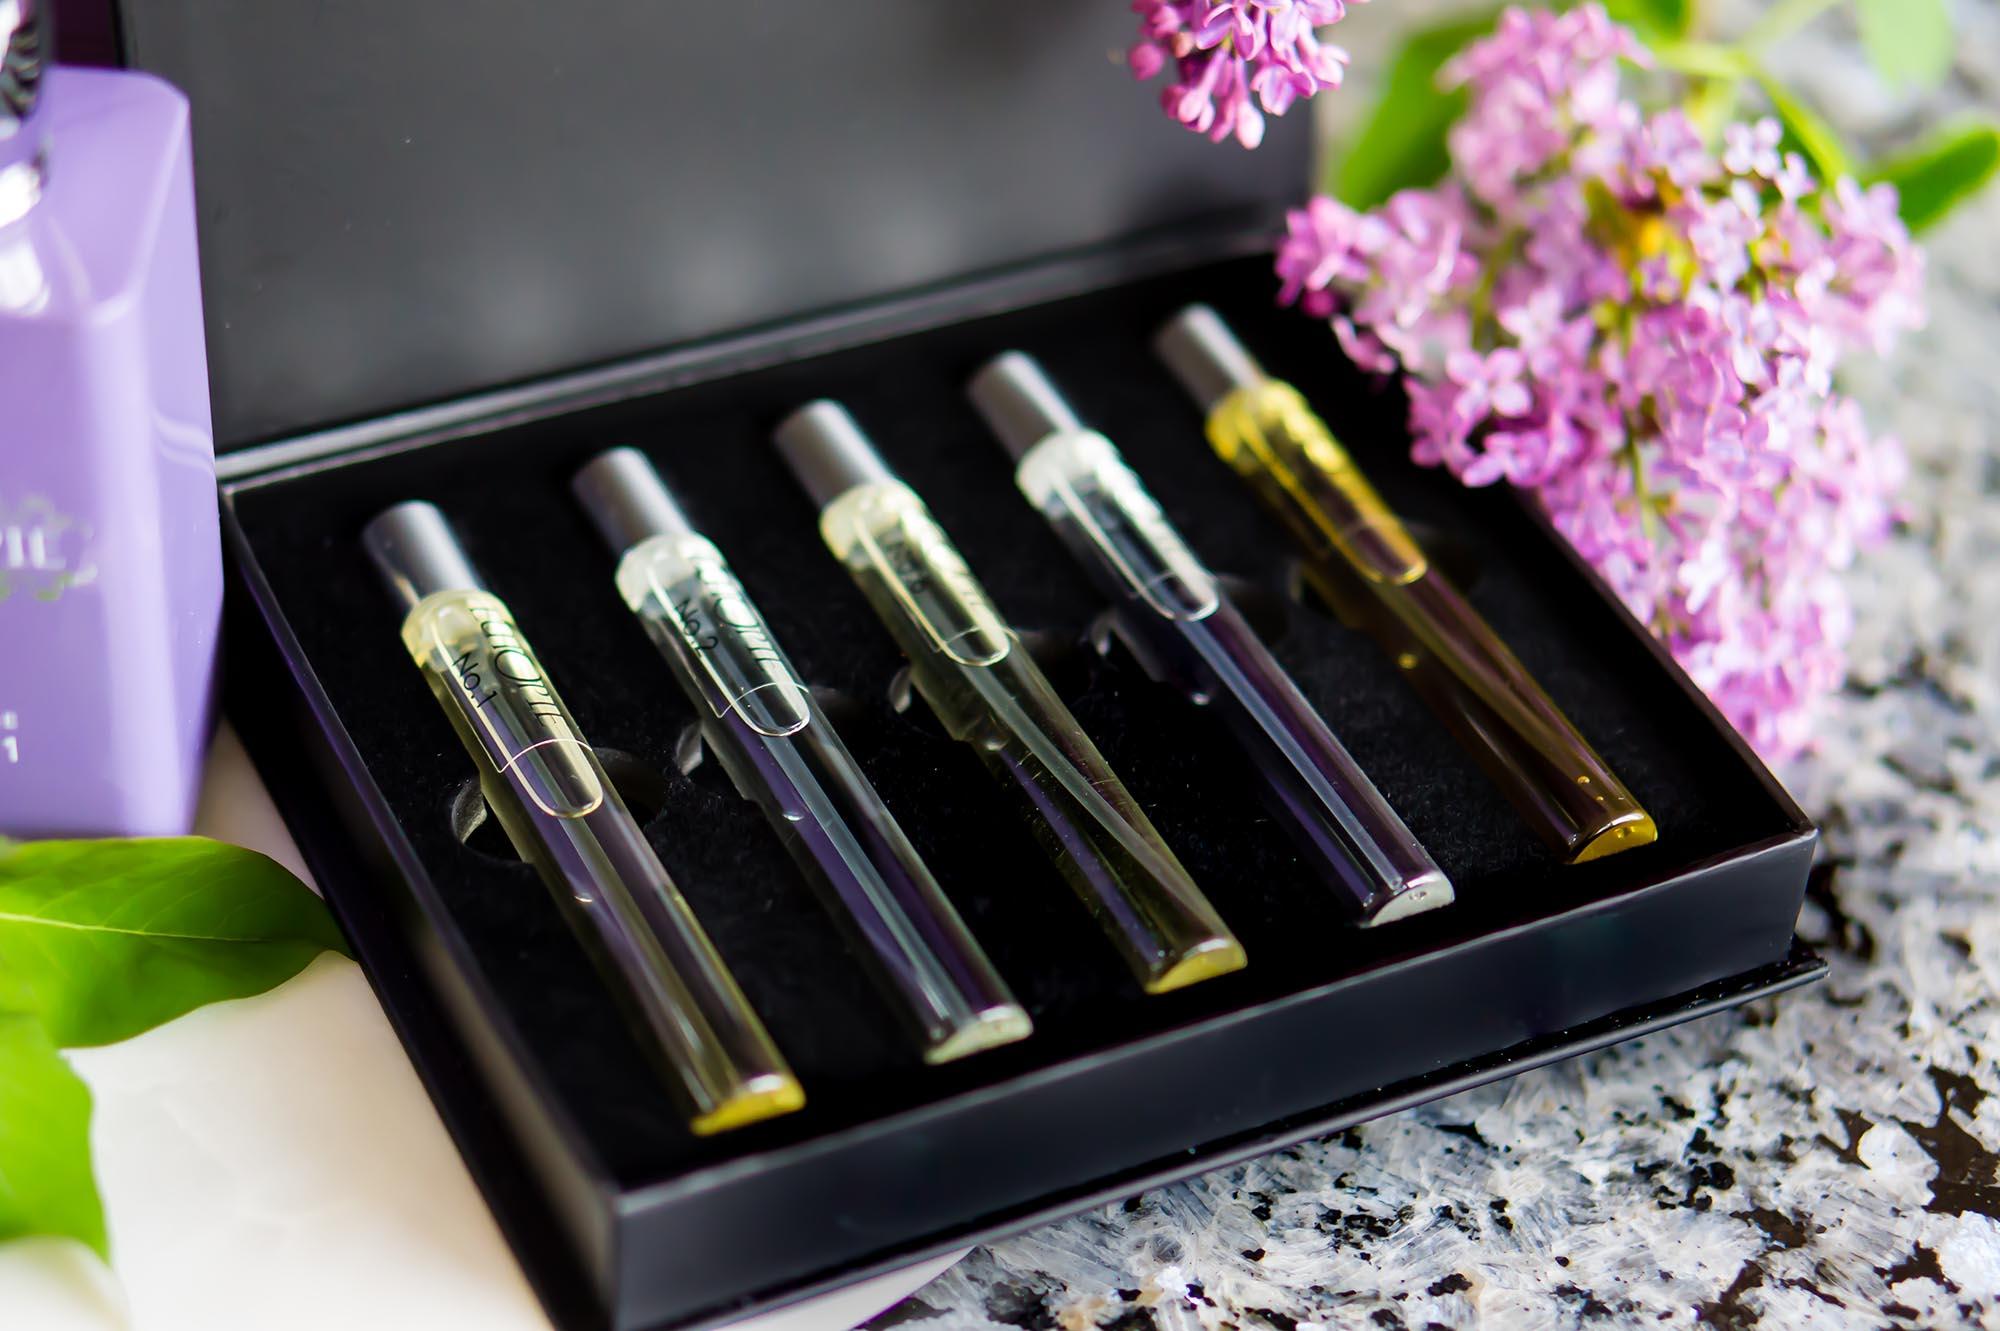 Eutopie travel set perfume niche fragrance Parfüm Nischenparfüm парфюм